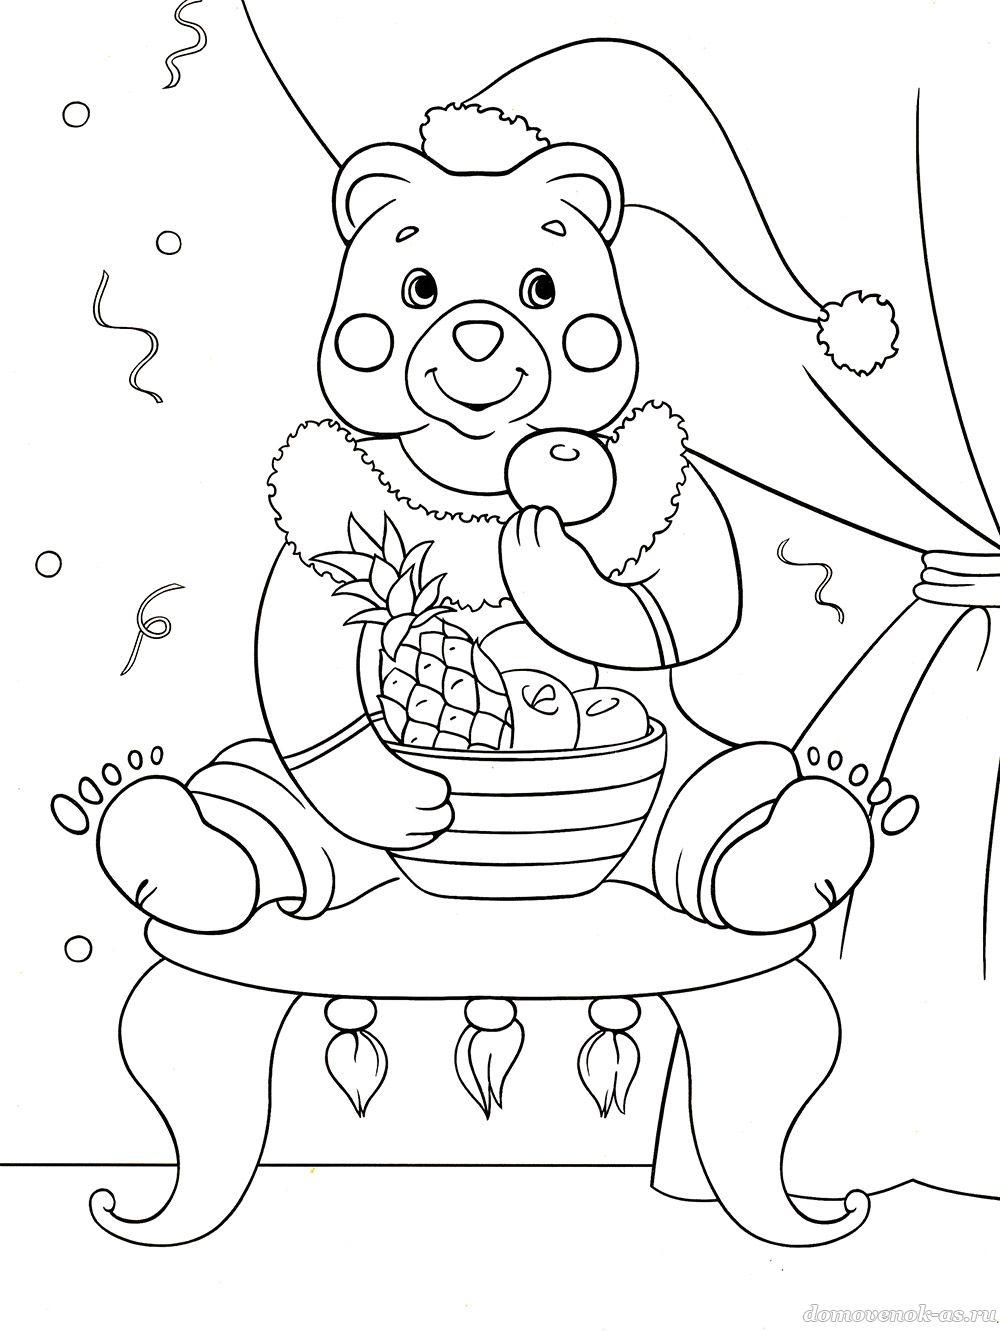 Новогодняя раскраска для детей 5-7 лет